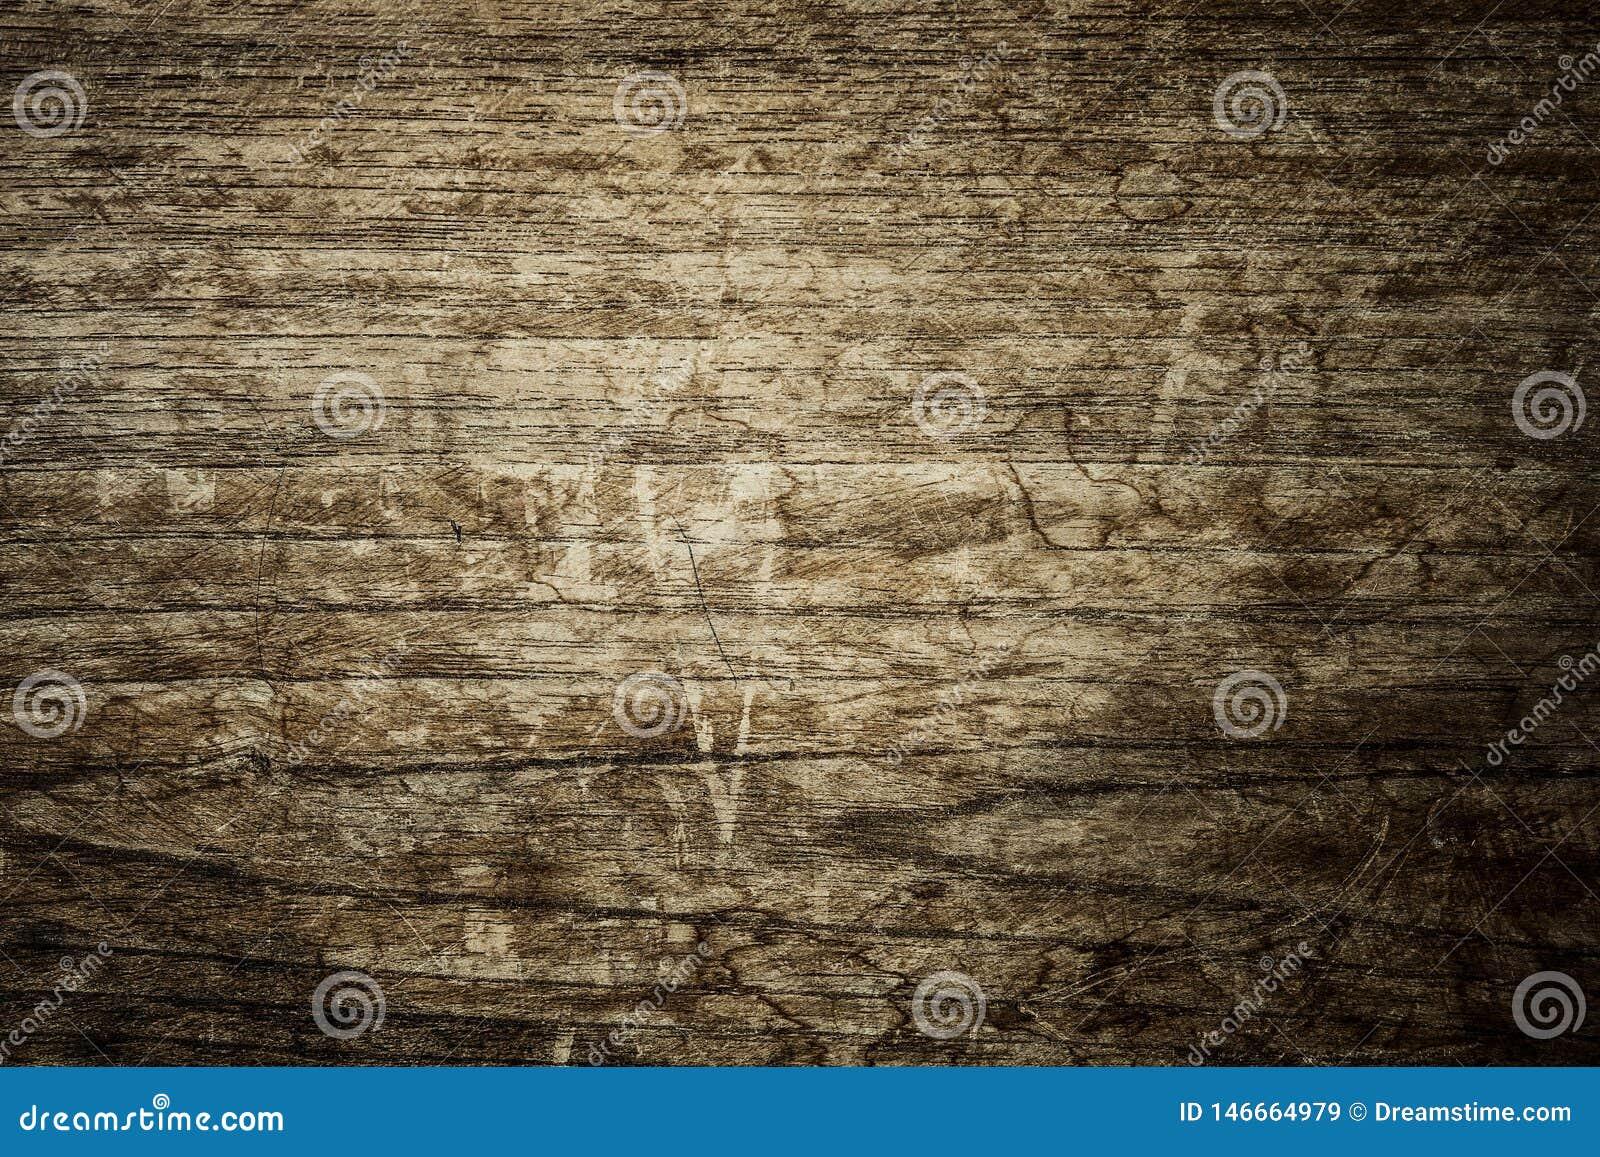 Fondo astratto, vecchi bordi, colore marrone